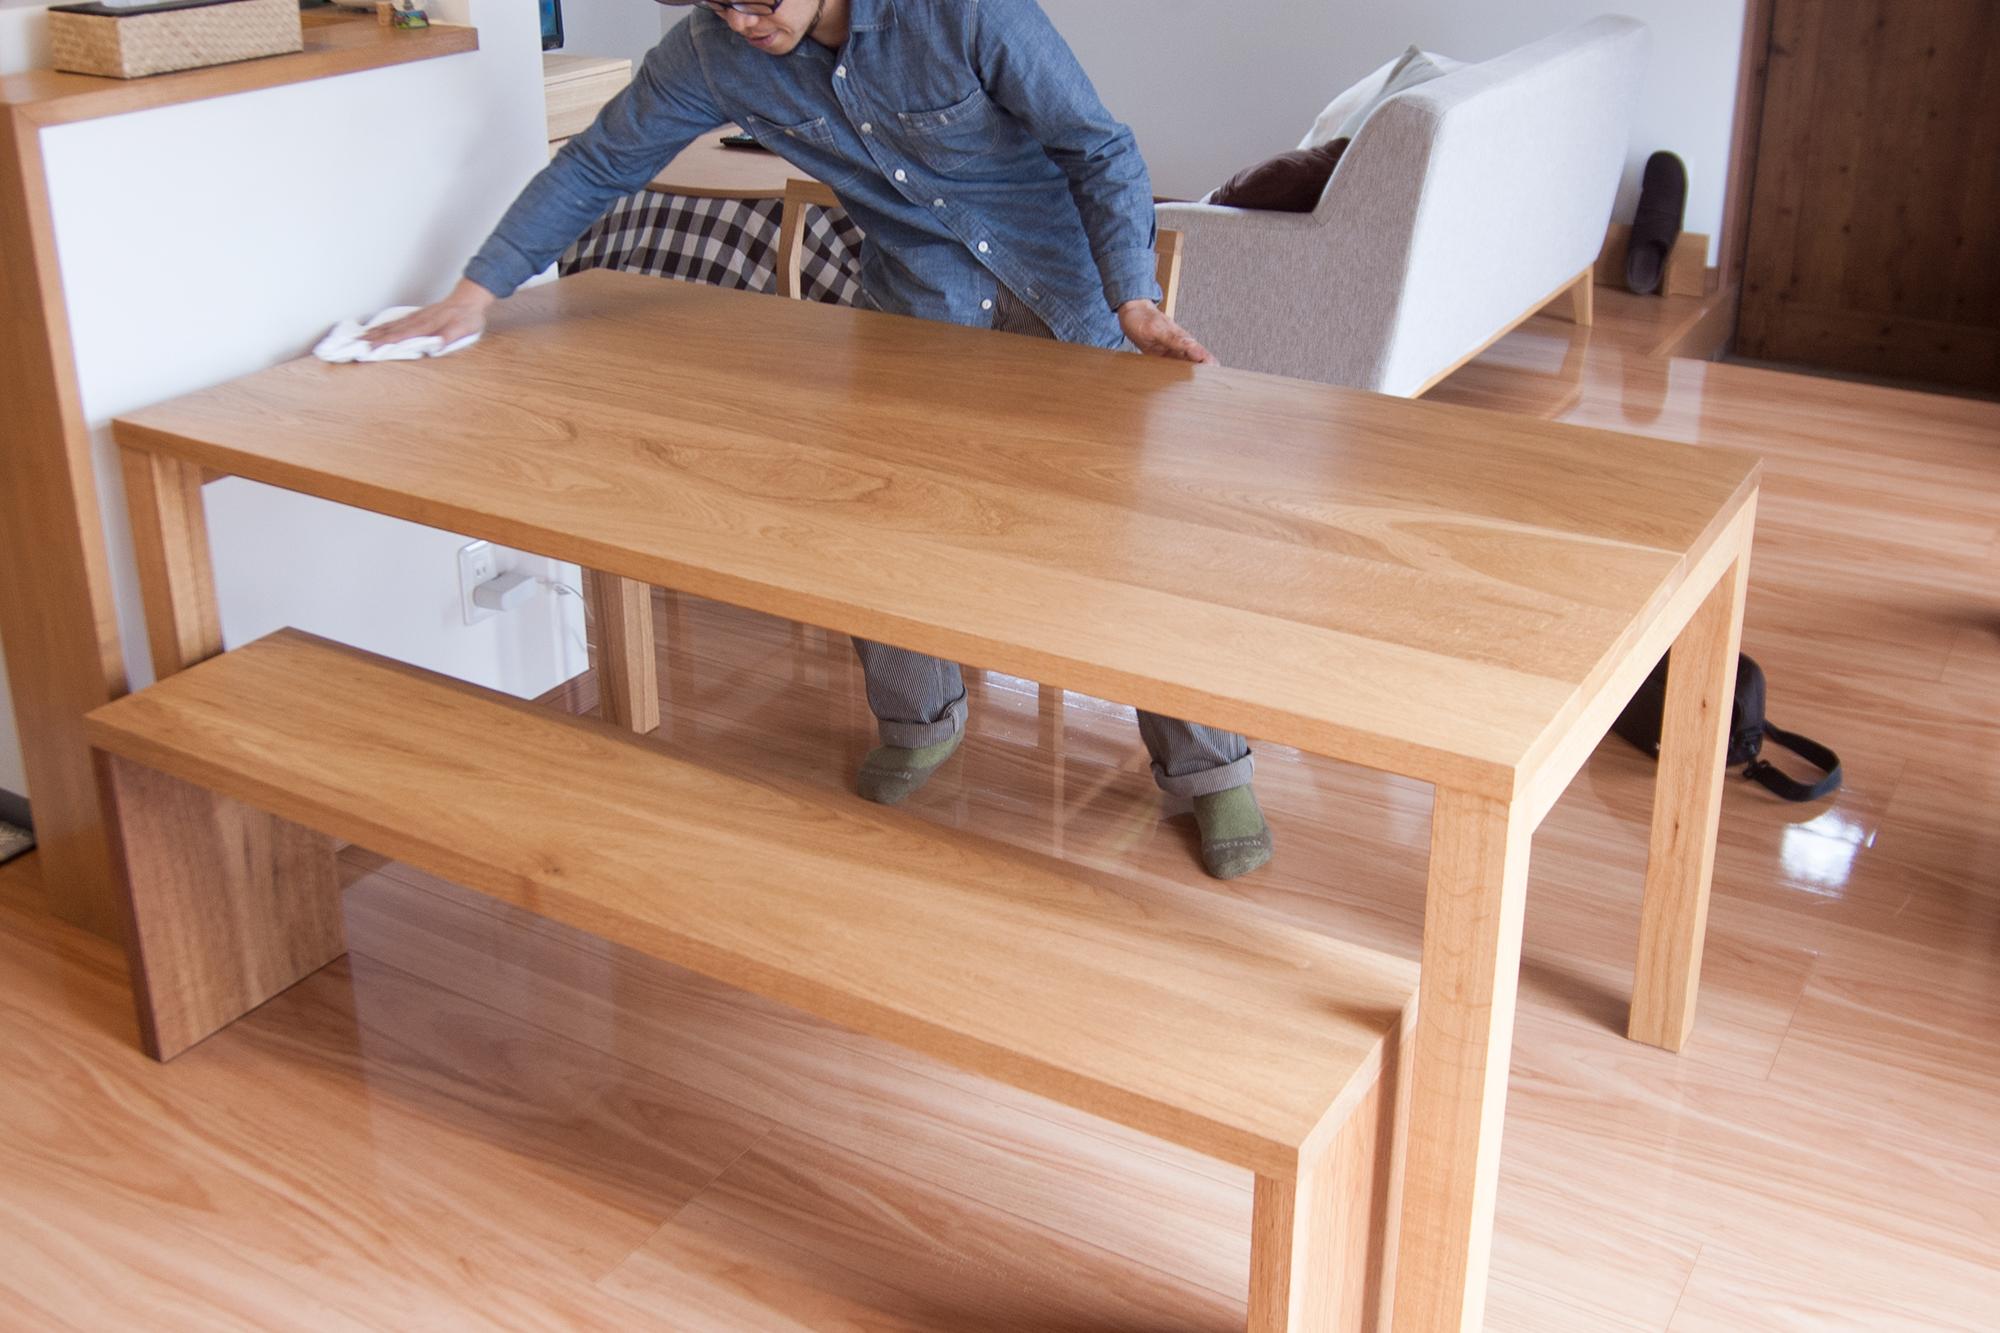 アッツベンチのご納品に合わせて、スタンダードテーブル・タイプ2のメンテナンスをさせていただきました